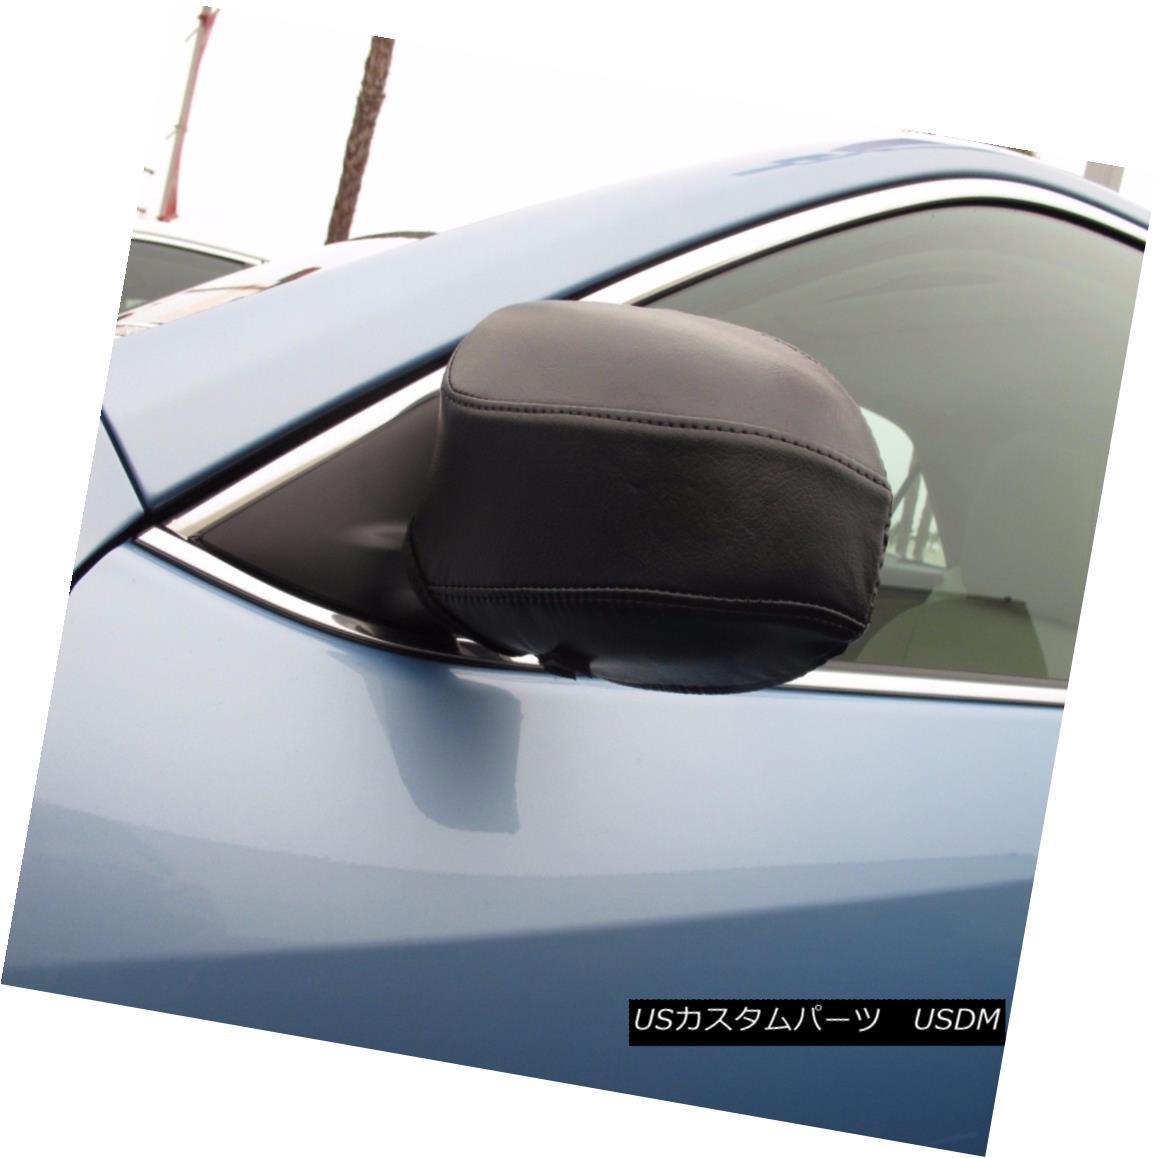 フルブラ ノーズブラ Colgan Car Mirror Covers Bra Protector Black Fits Toyota Camry 2012-2015 Colgan Car Mirrors Covers Bra Protectors Blackトヨタカムリ2012-2015に適合